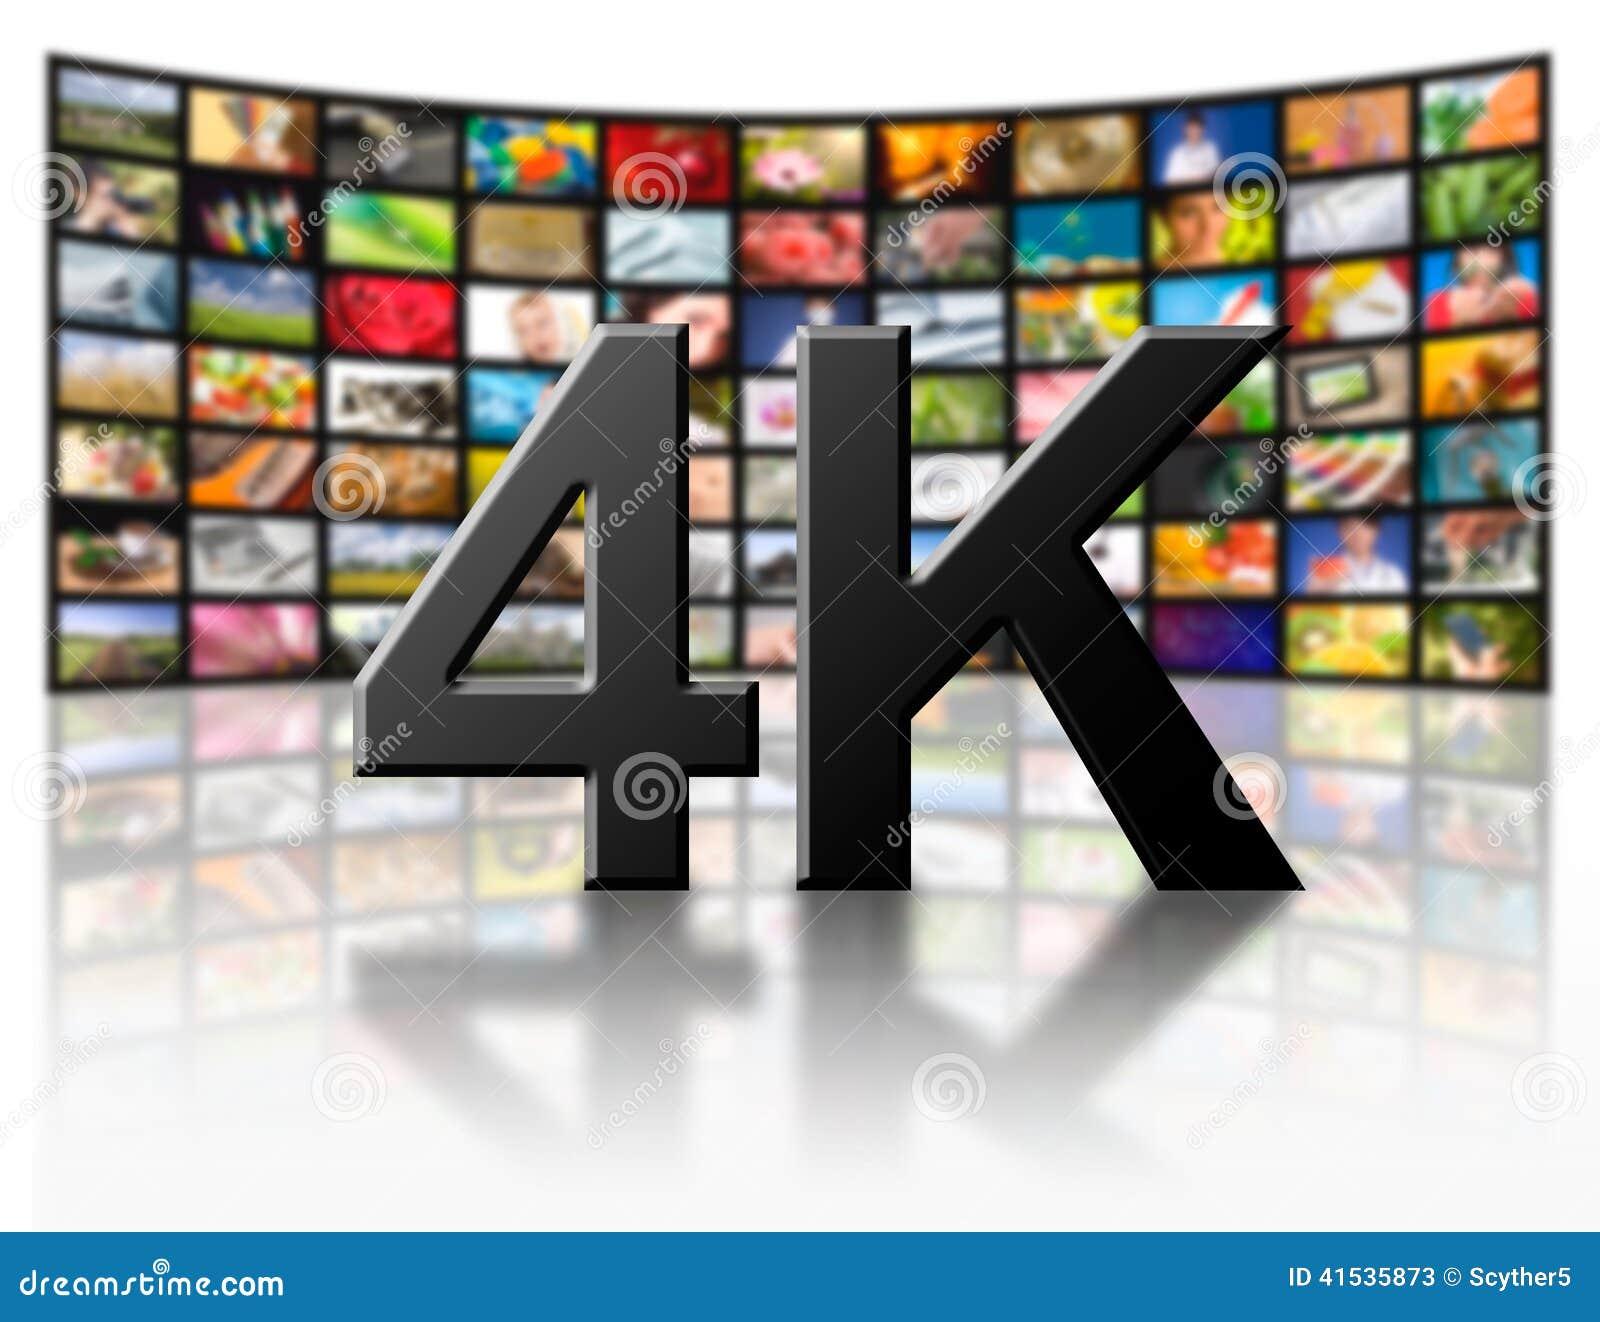 4k postanowienia tv pojęcie